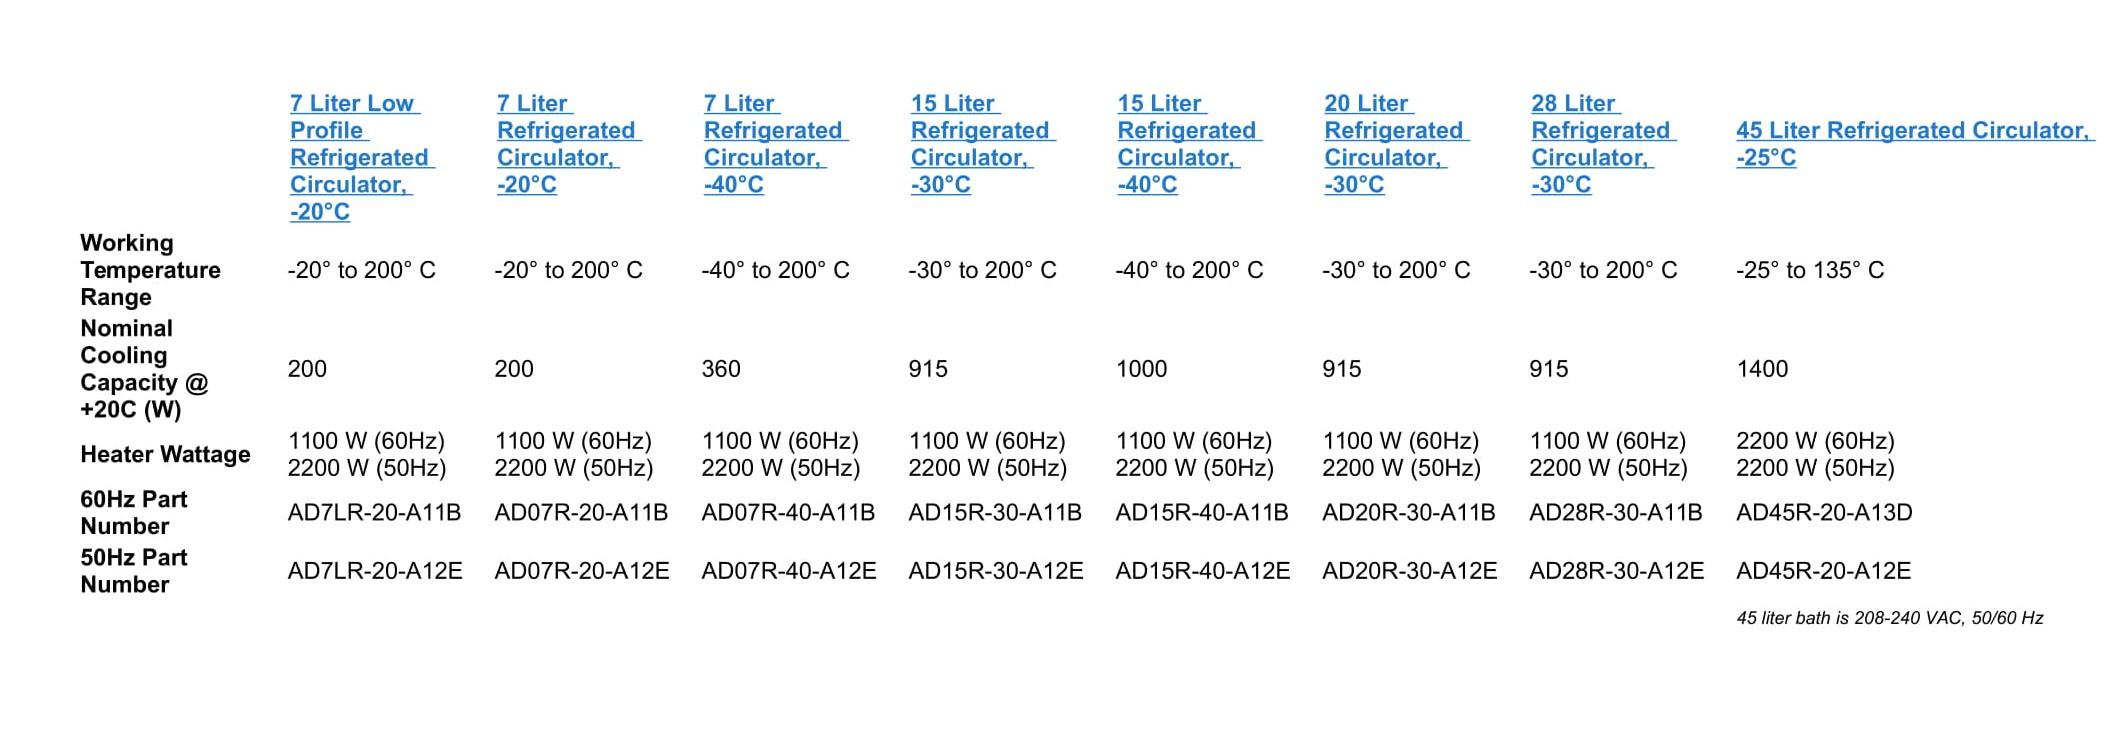 bể ổn nhiệt lạnh - thông tin đặt hàng